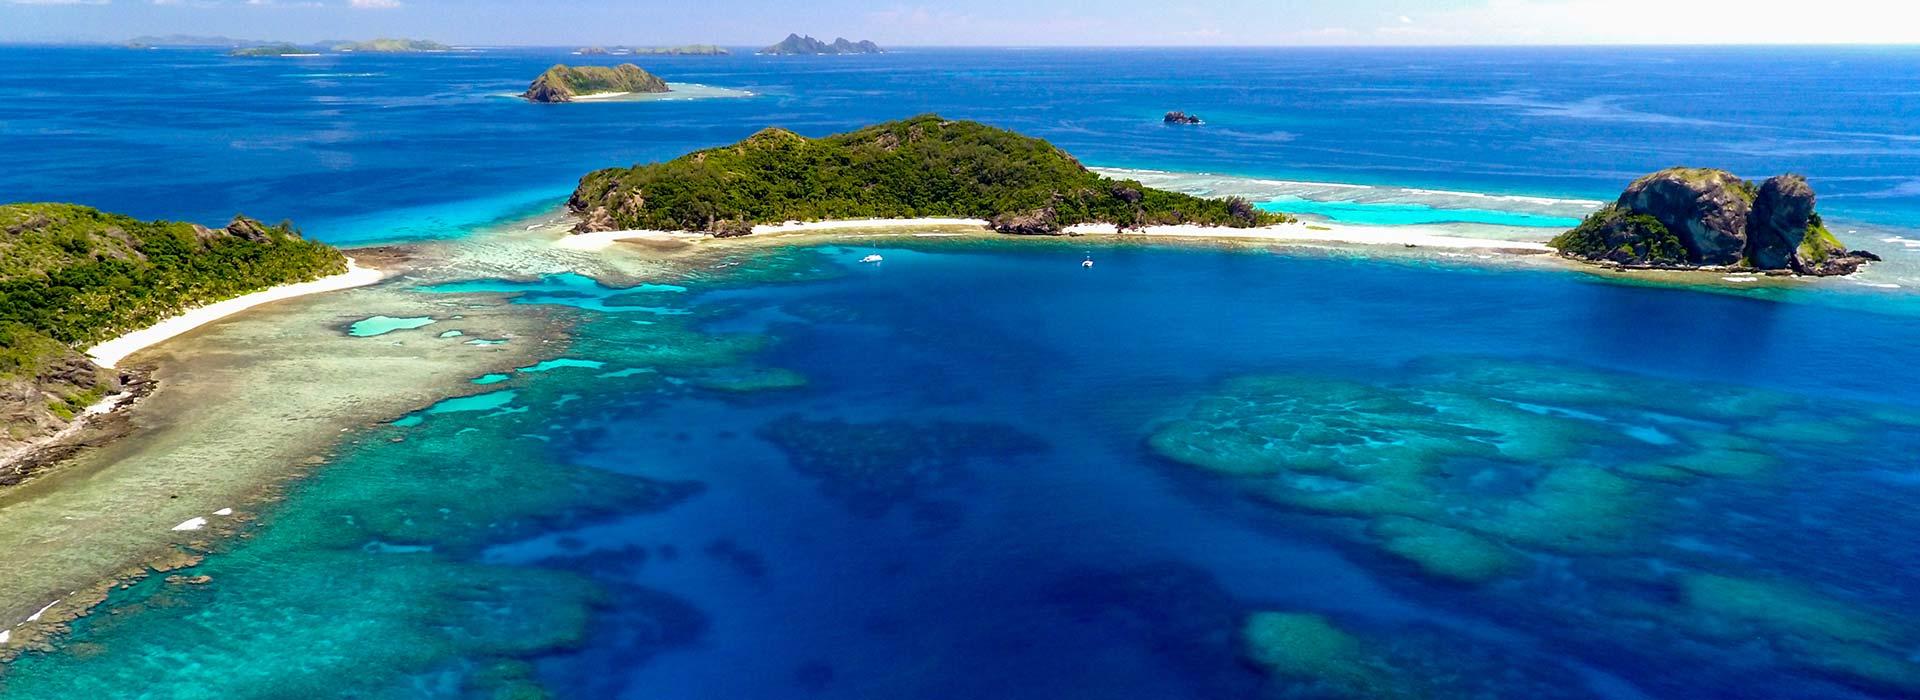 Luxury sailing in Fiji